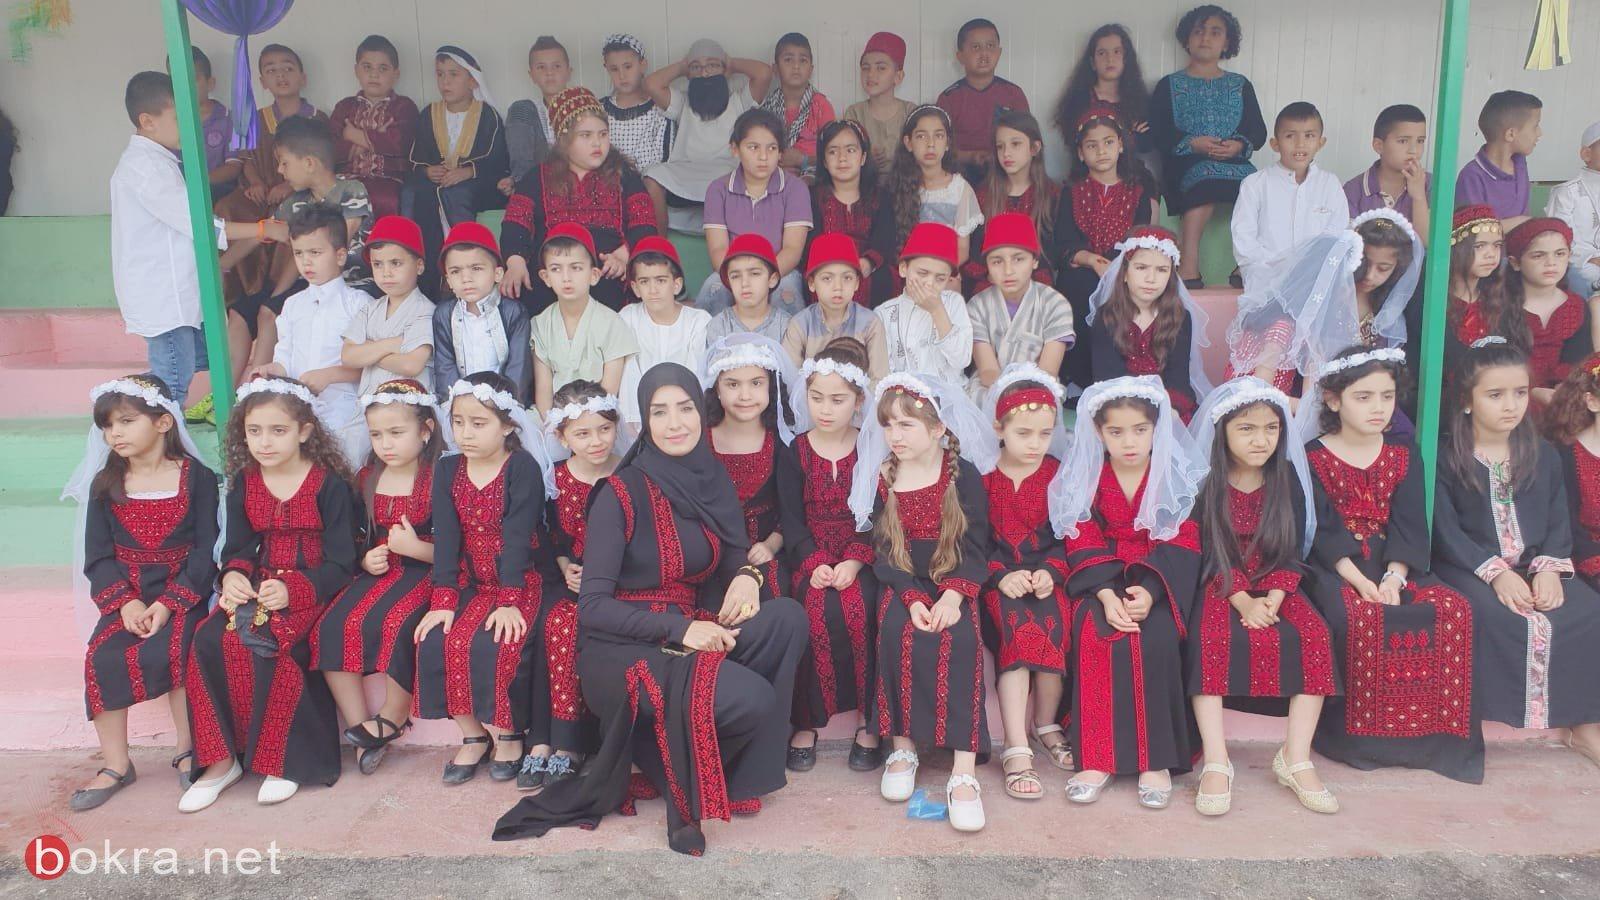 بأجواء مميزة .. مدرسة نين الابتدائية تحتفل بيوم التراث